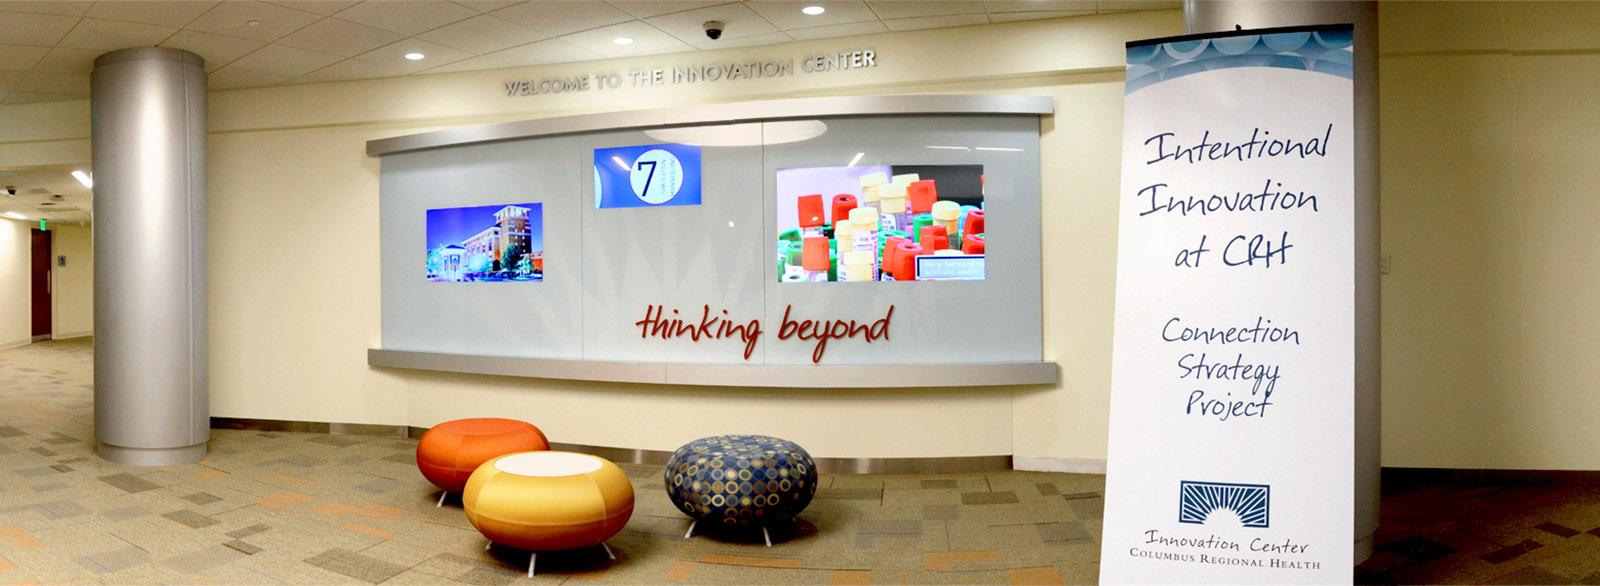 The Innovation Center at Columbus Regional Hospital